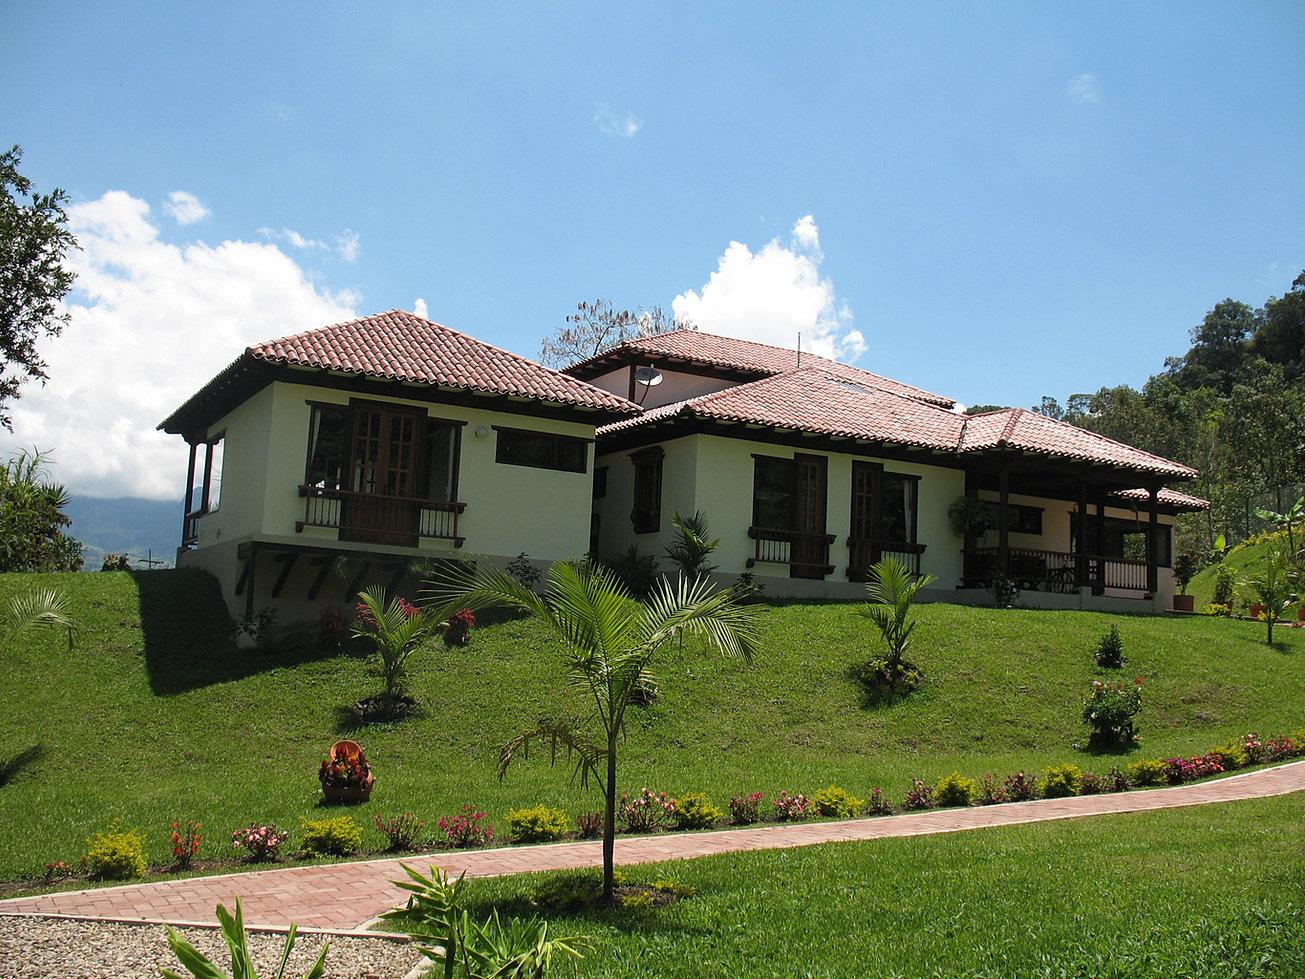 Casas campestres construccion personalizada for Cubiertas para casas campestres